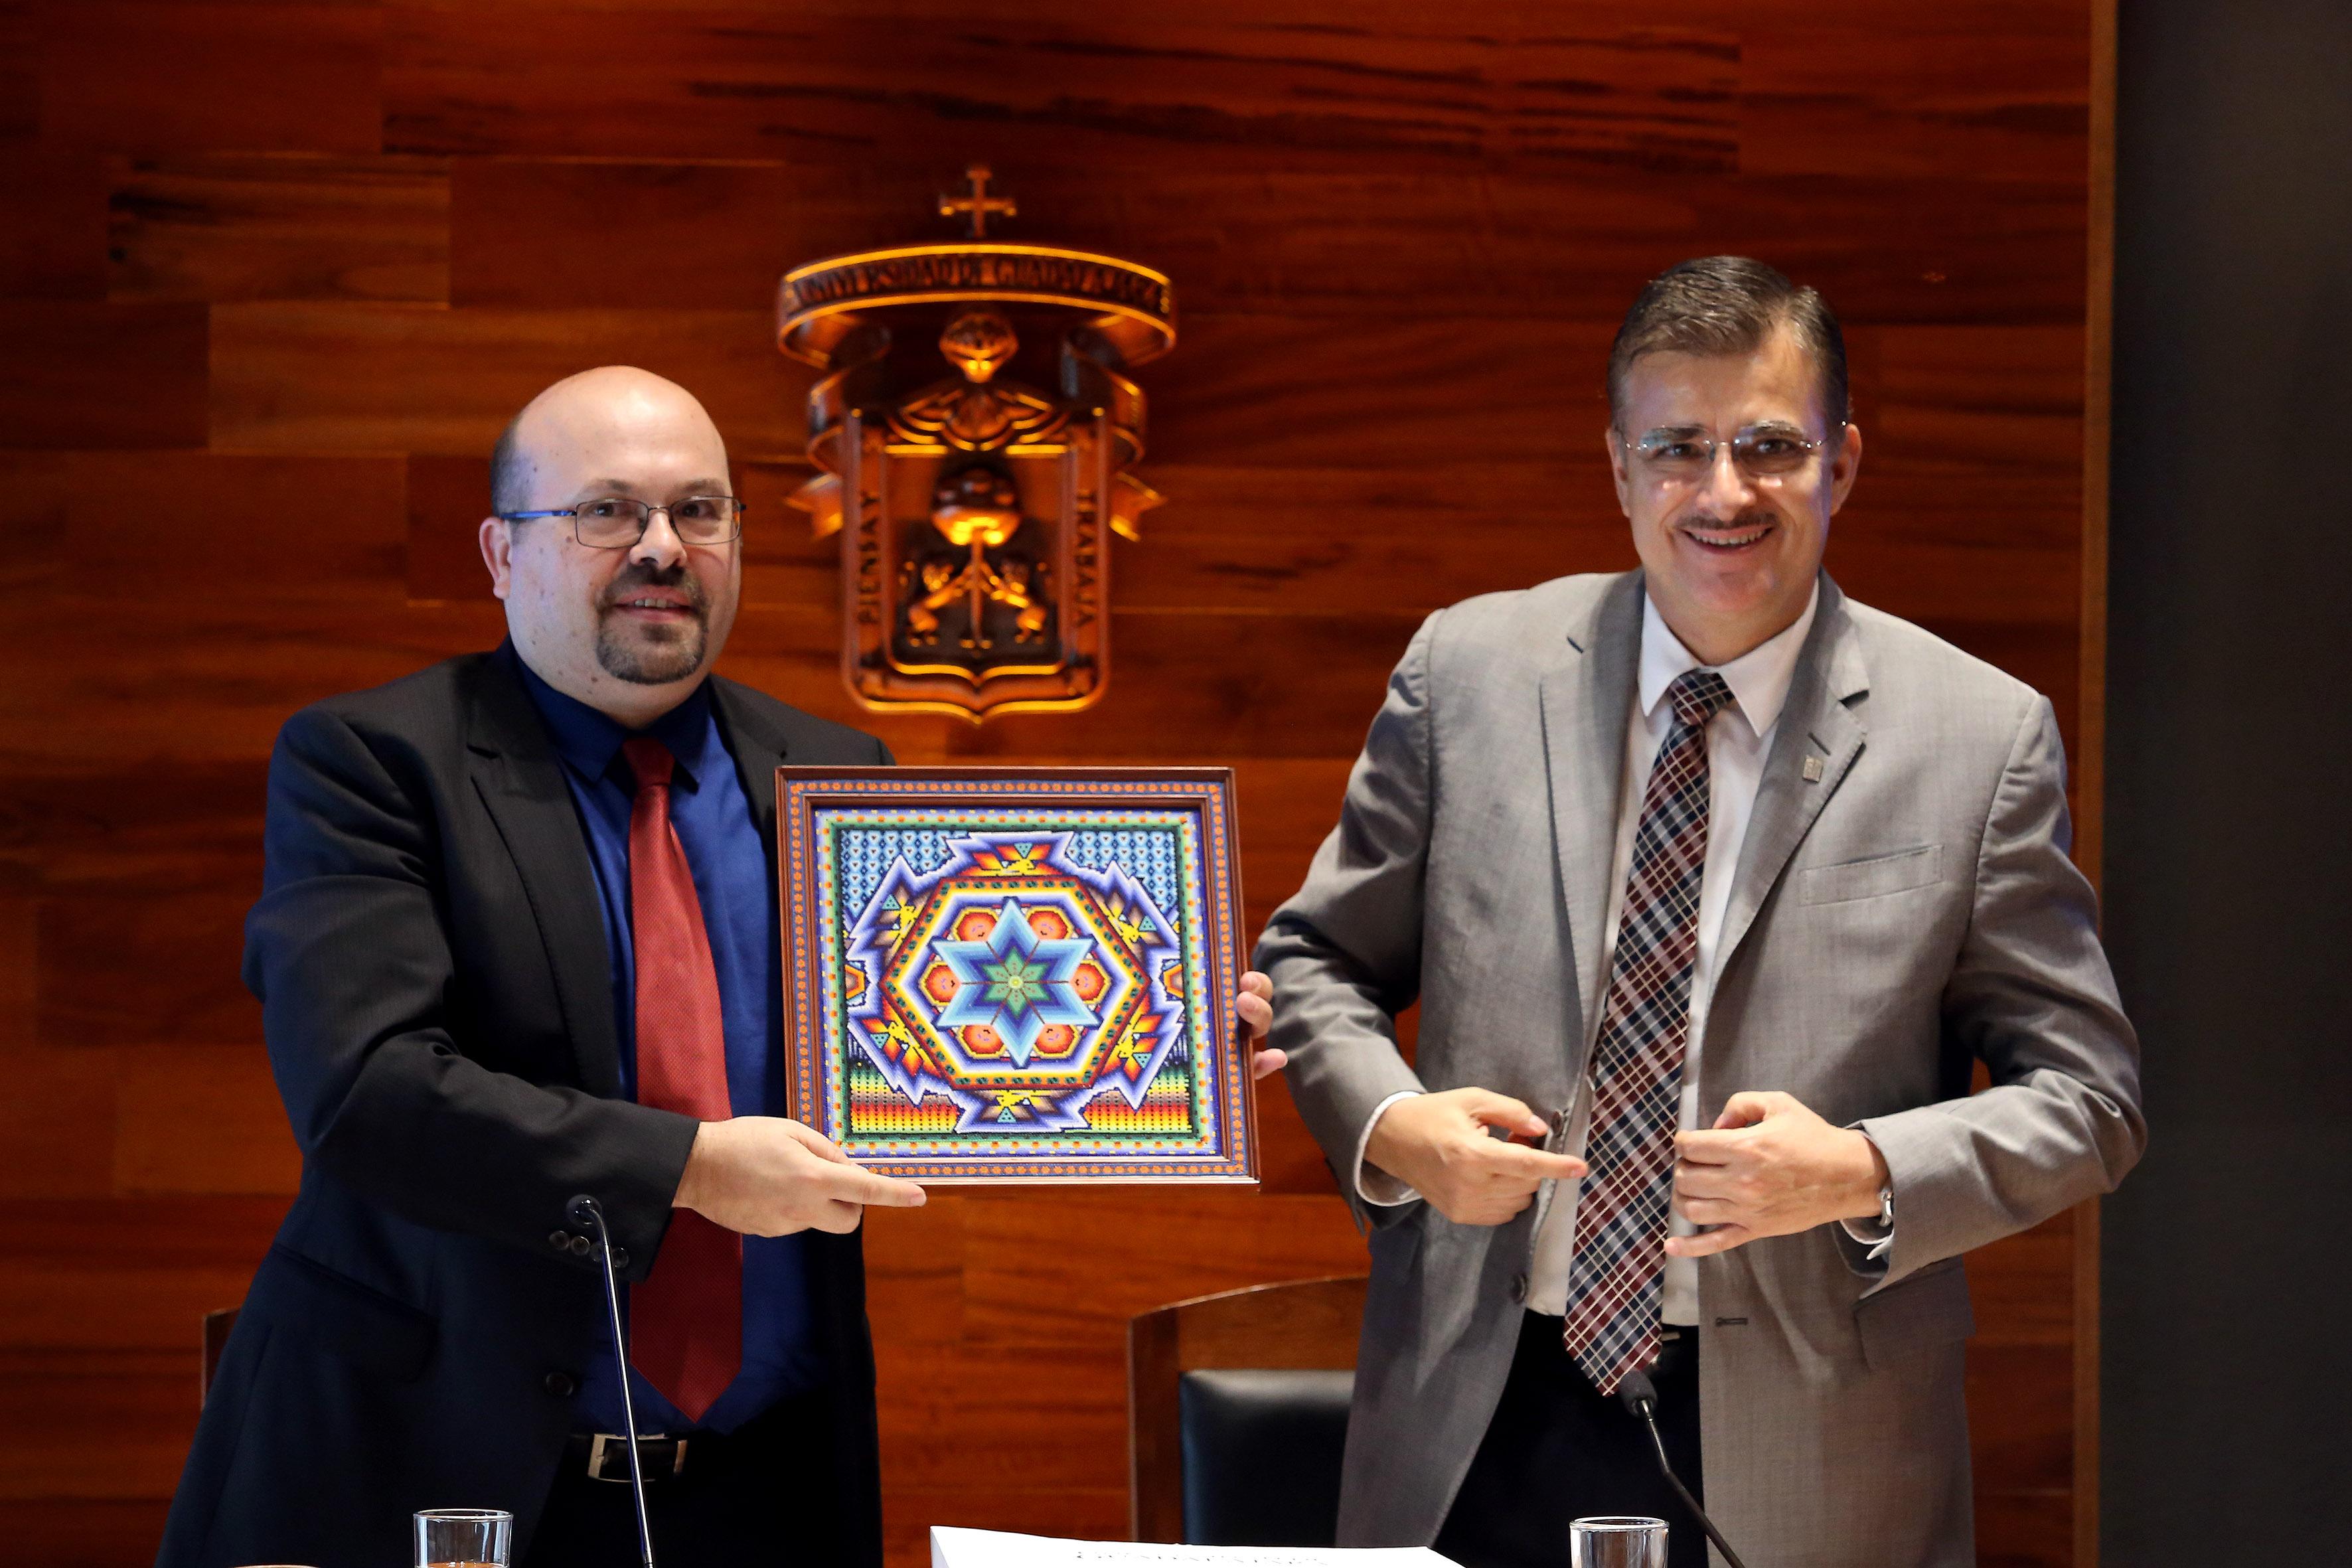 Rector General de la UdeG, maestro Itzcóatl Tonatiuh Bravo Padilla junto a Director de campus party Raúl Martín Porcel .